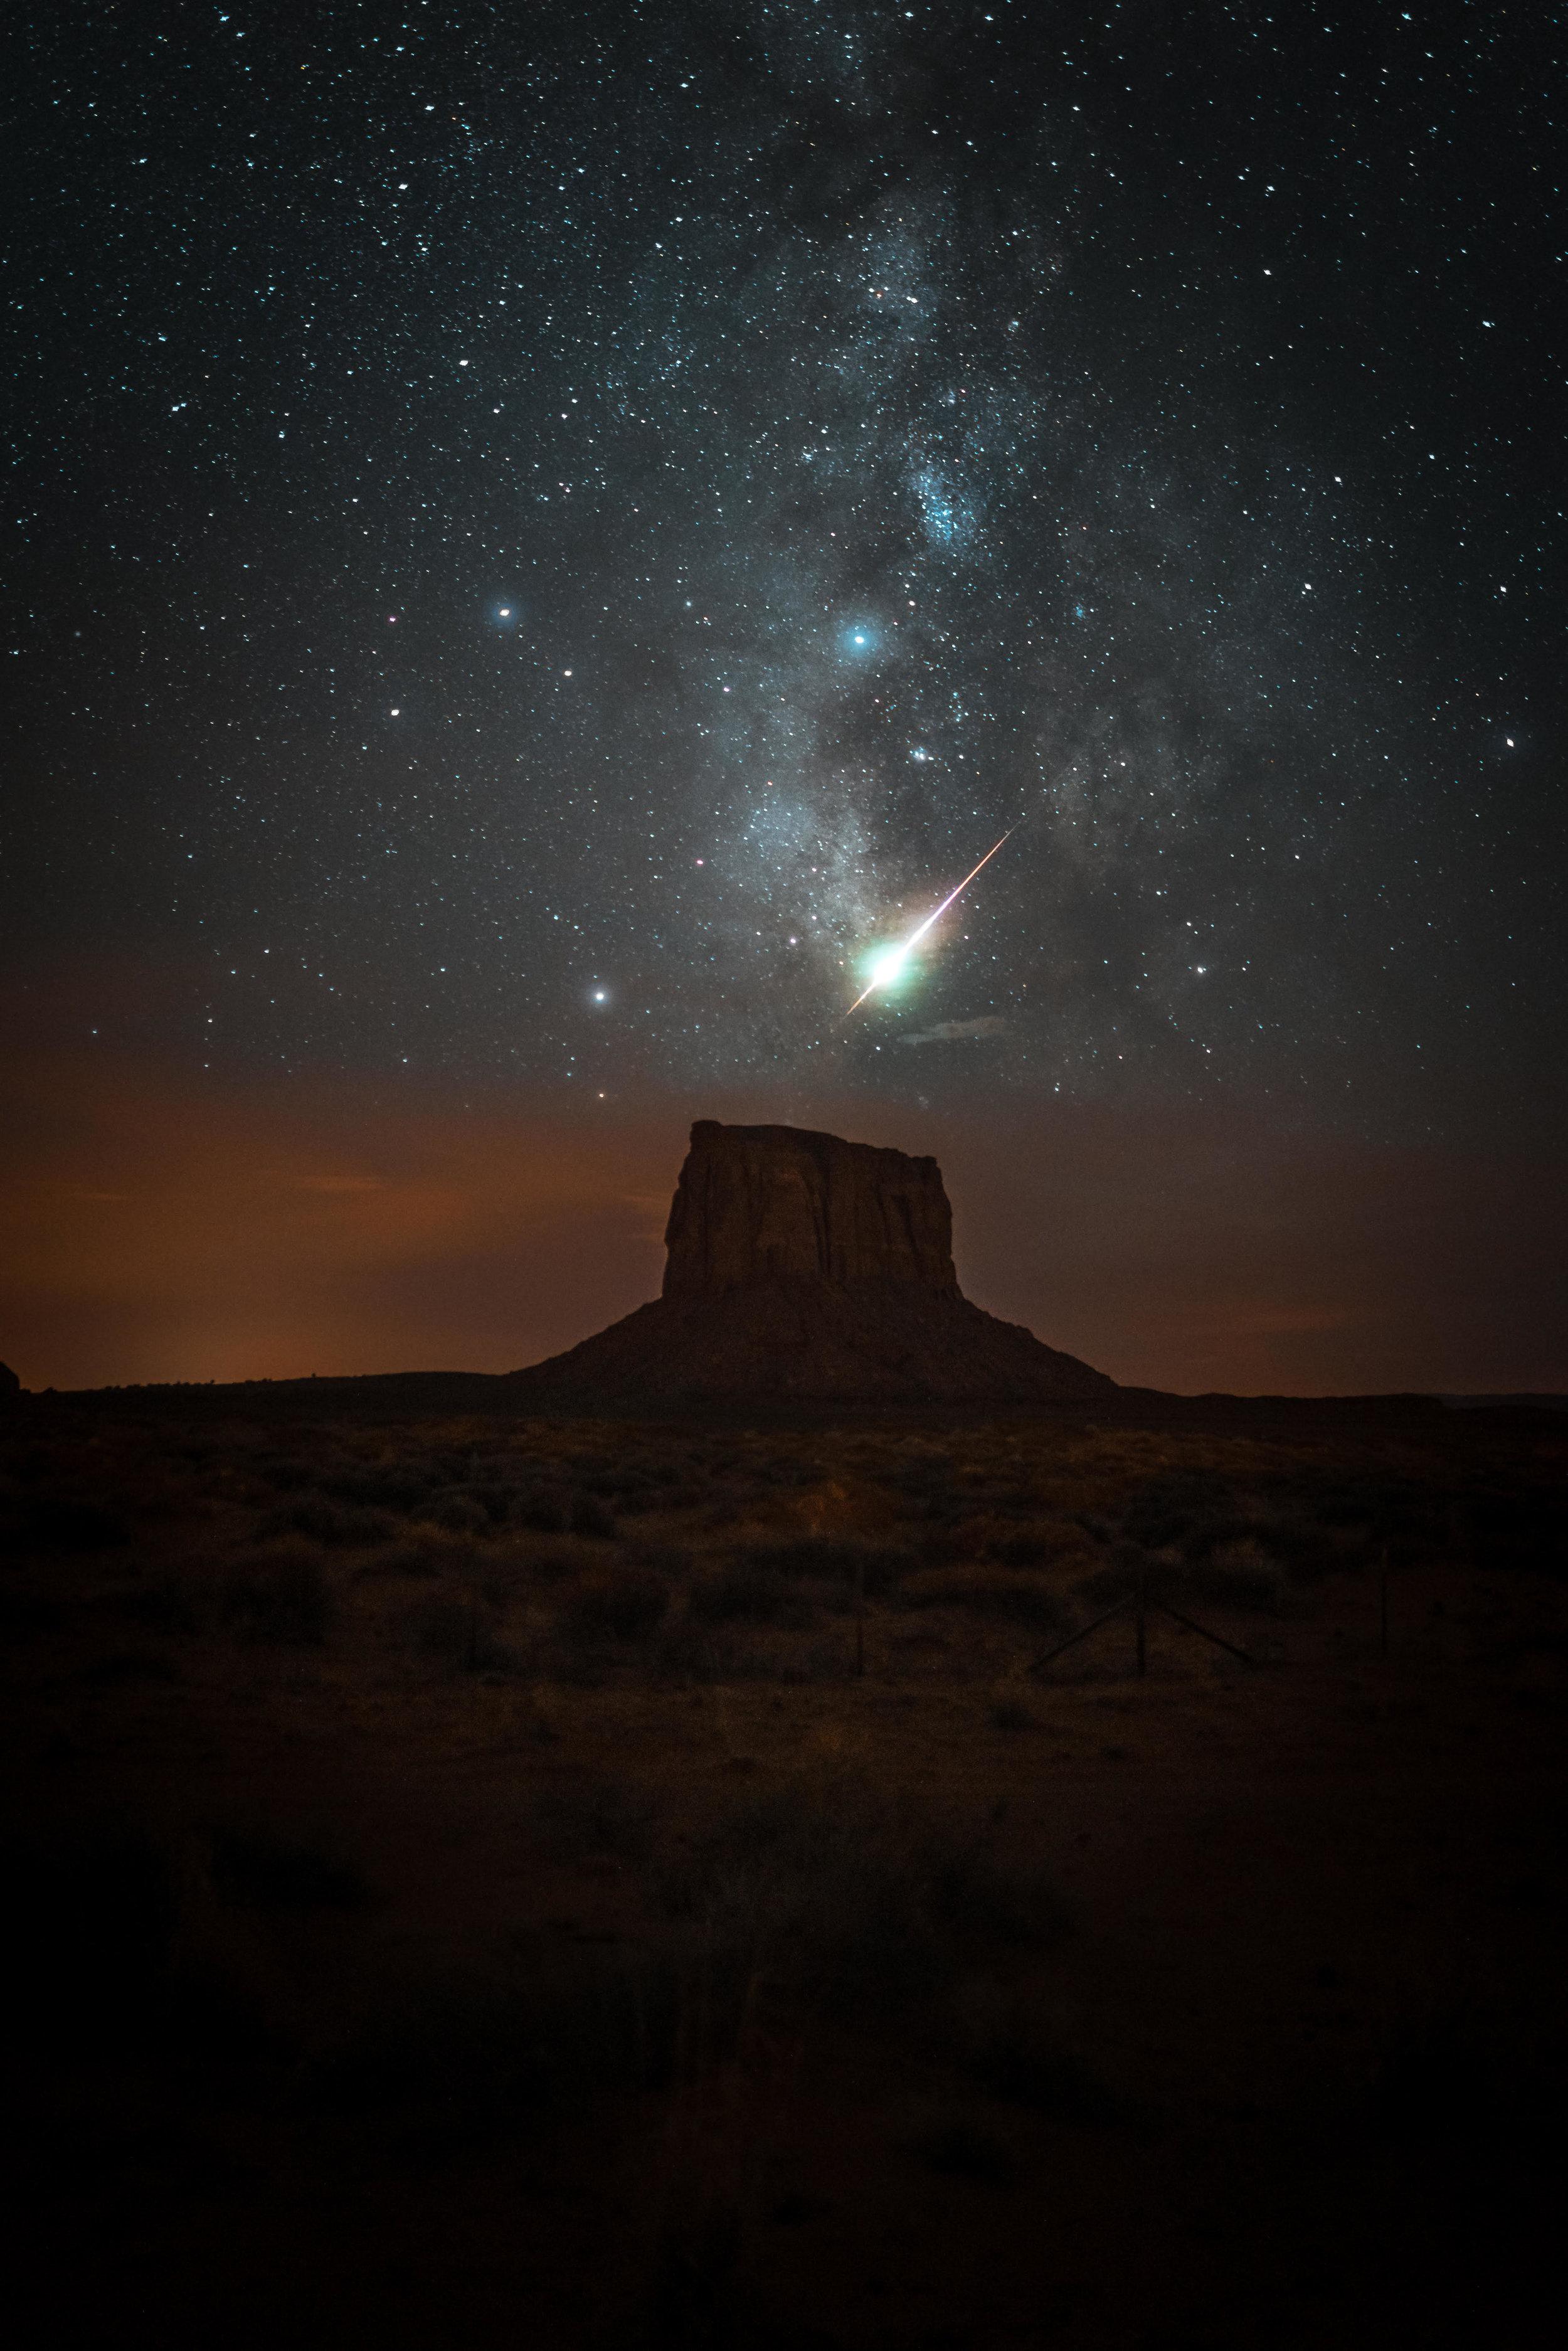 2018 geminid meteor shower workshop geminids big bend terlingua texas